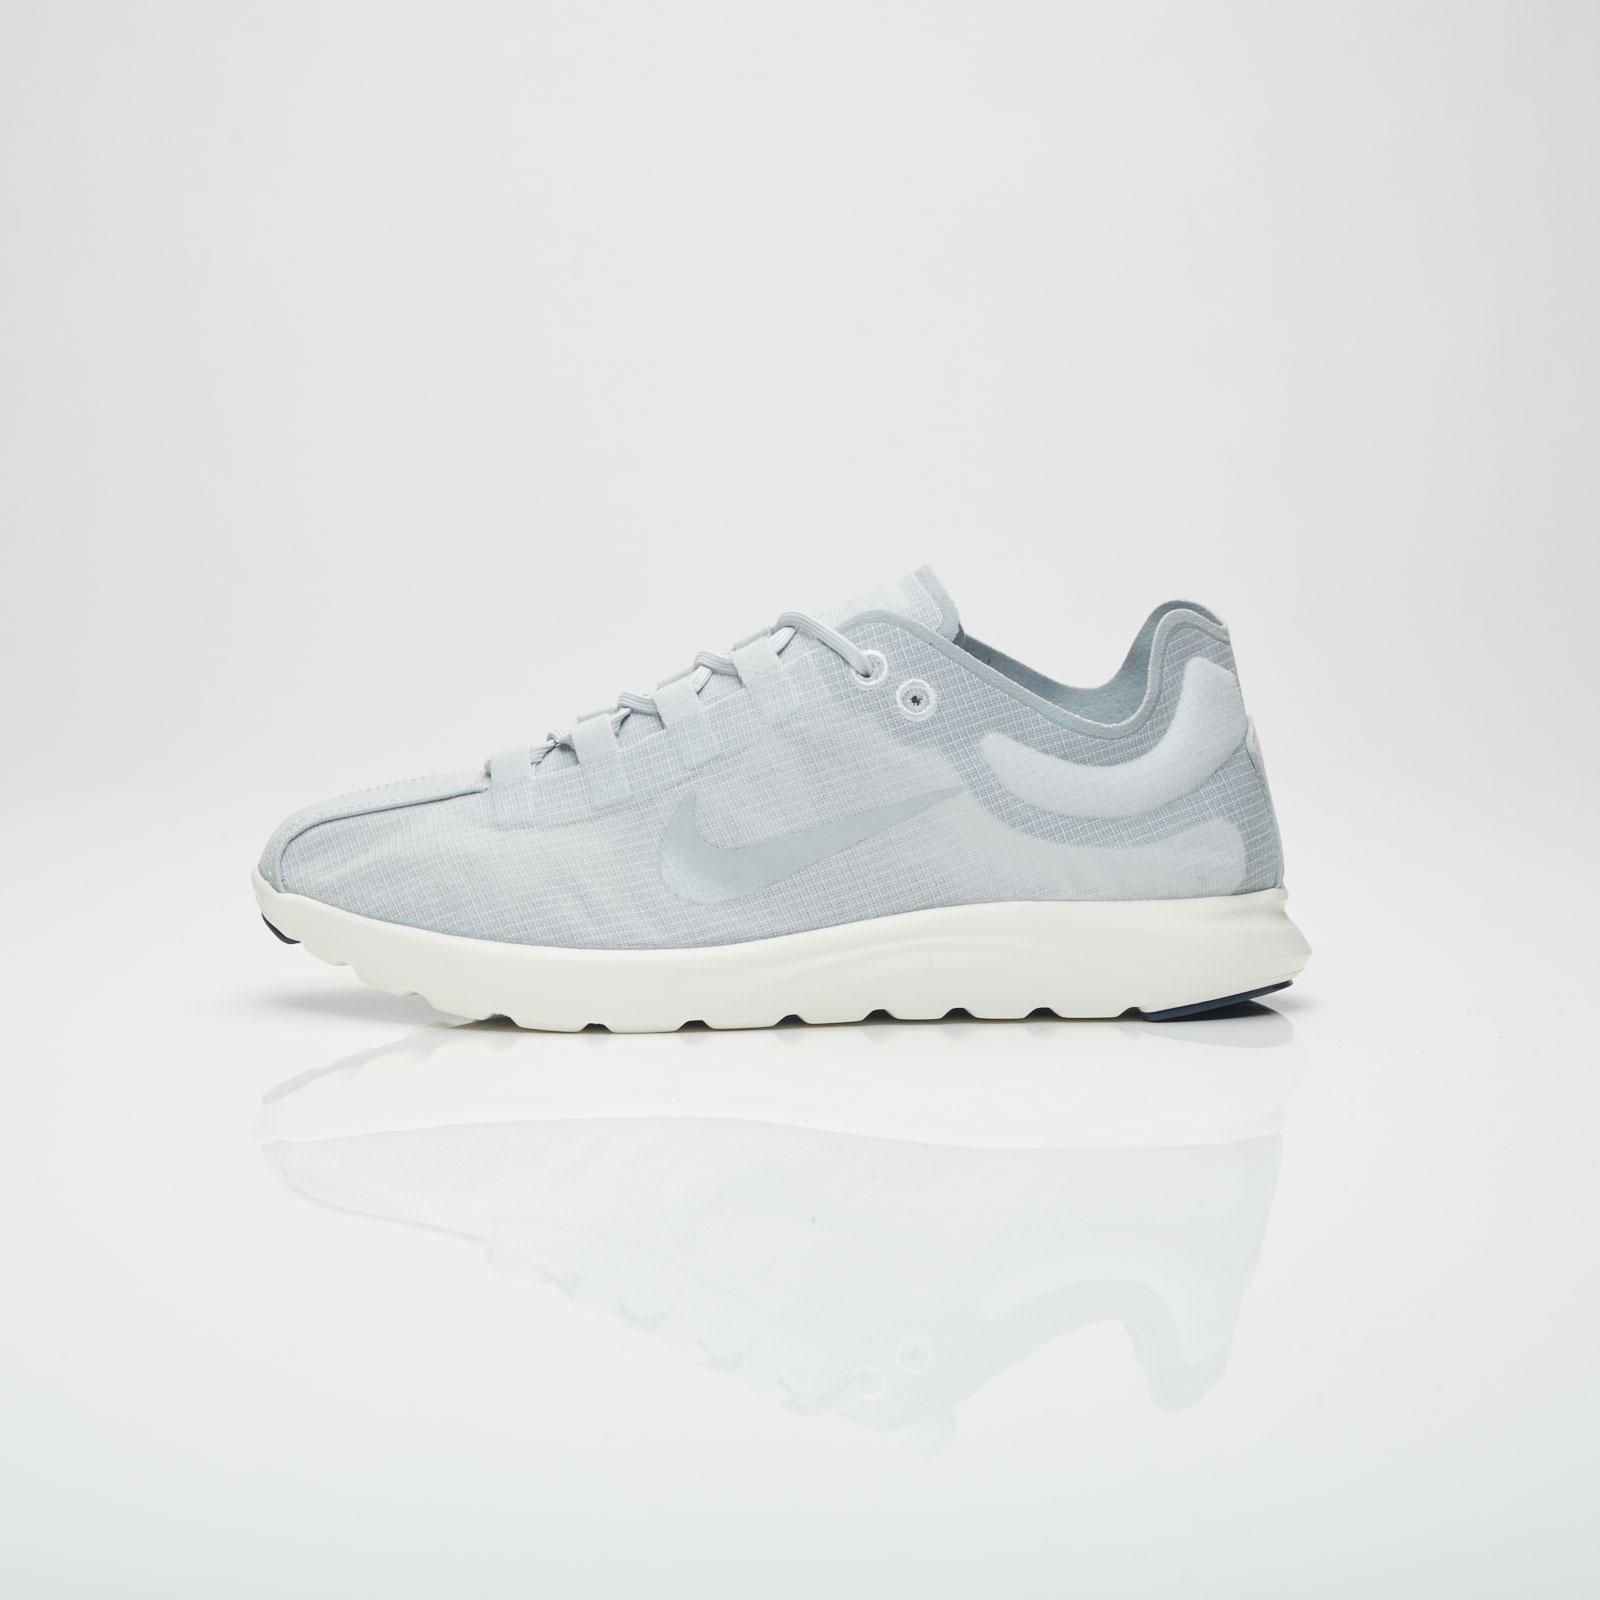 Nike Wmns Mayfly Lite Pinnacle LczHgjk